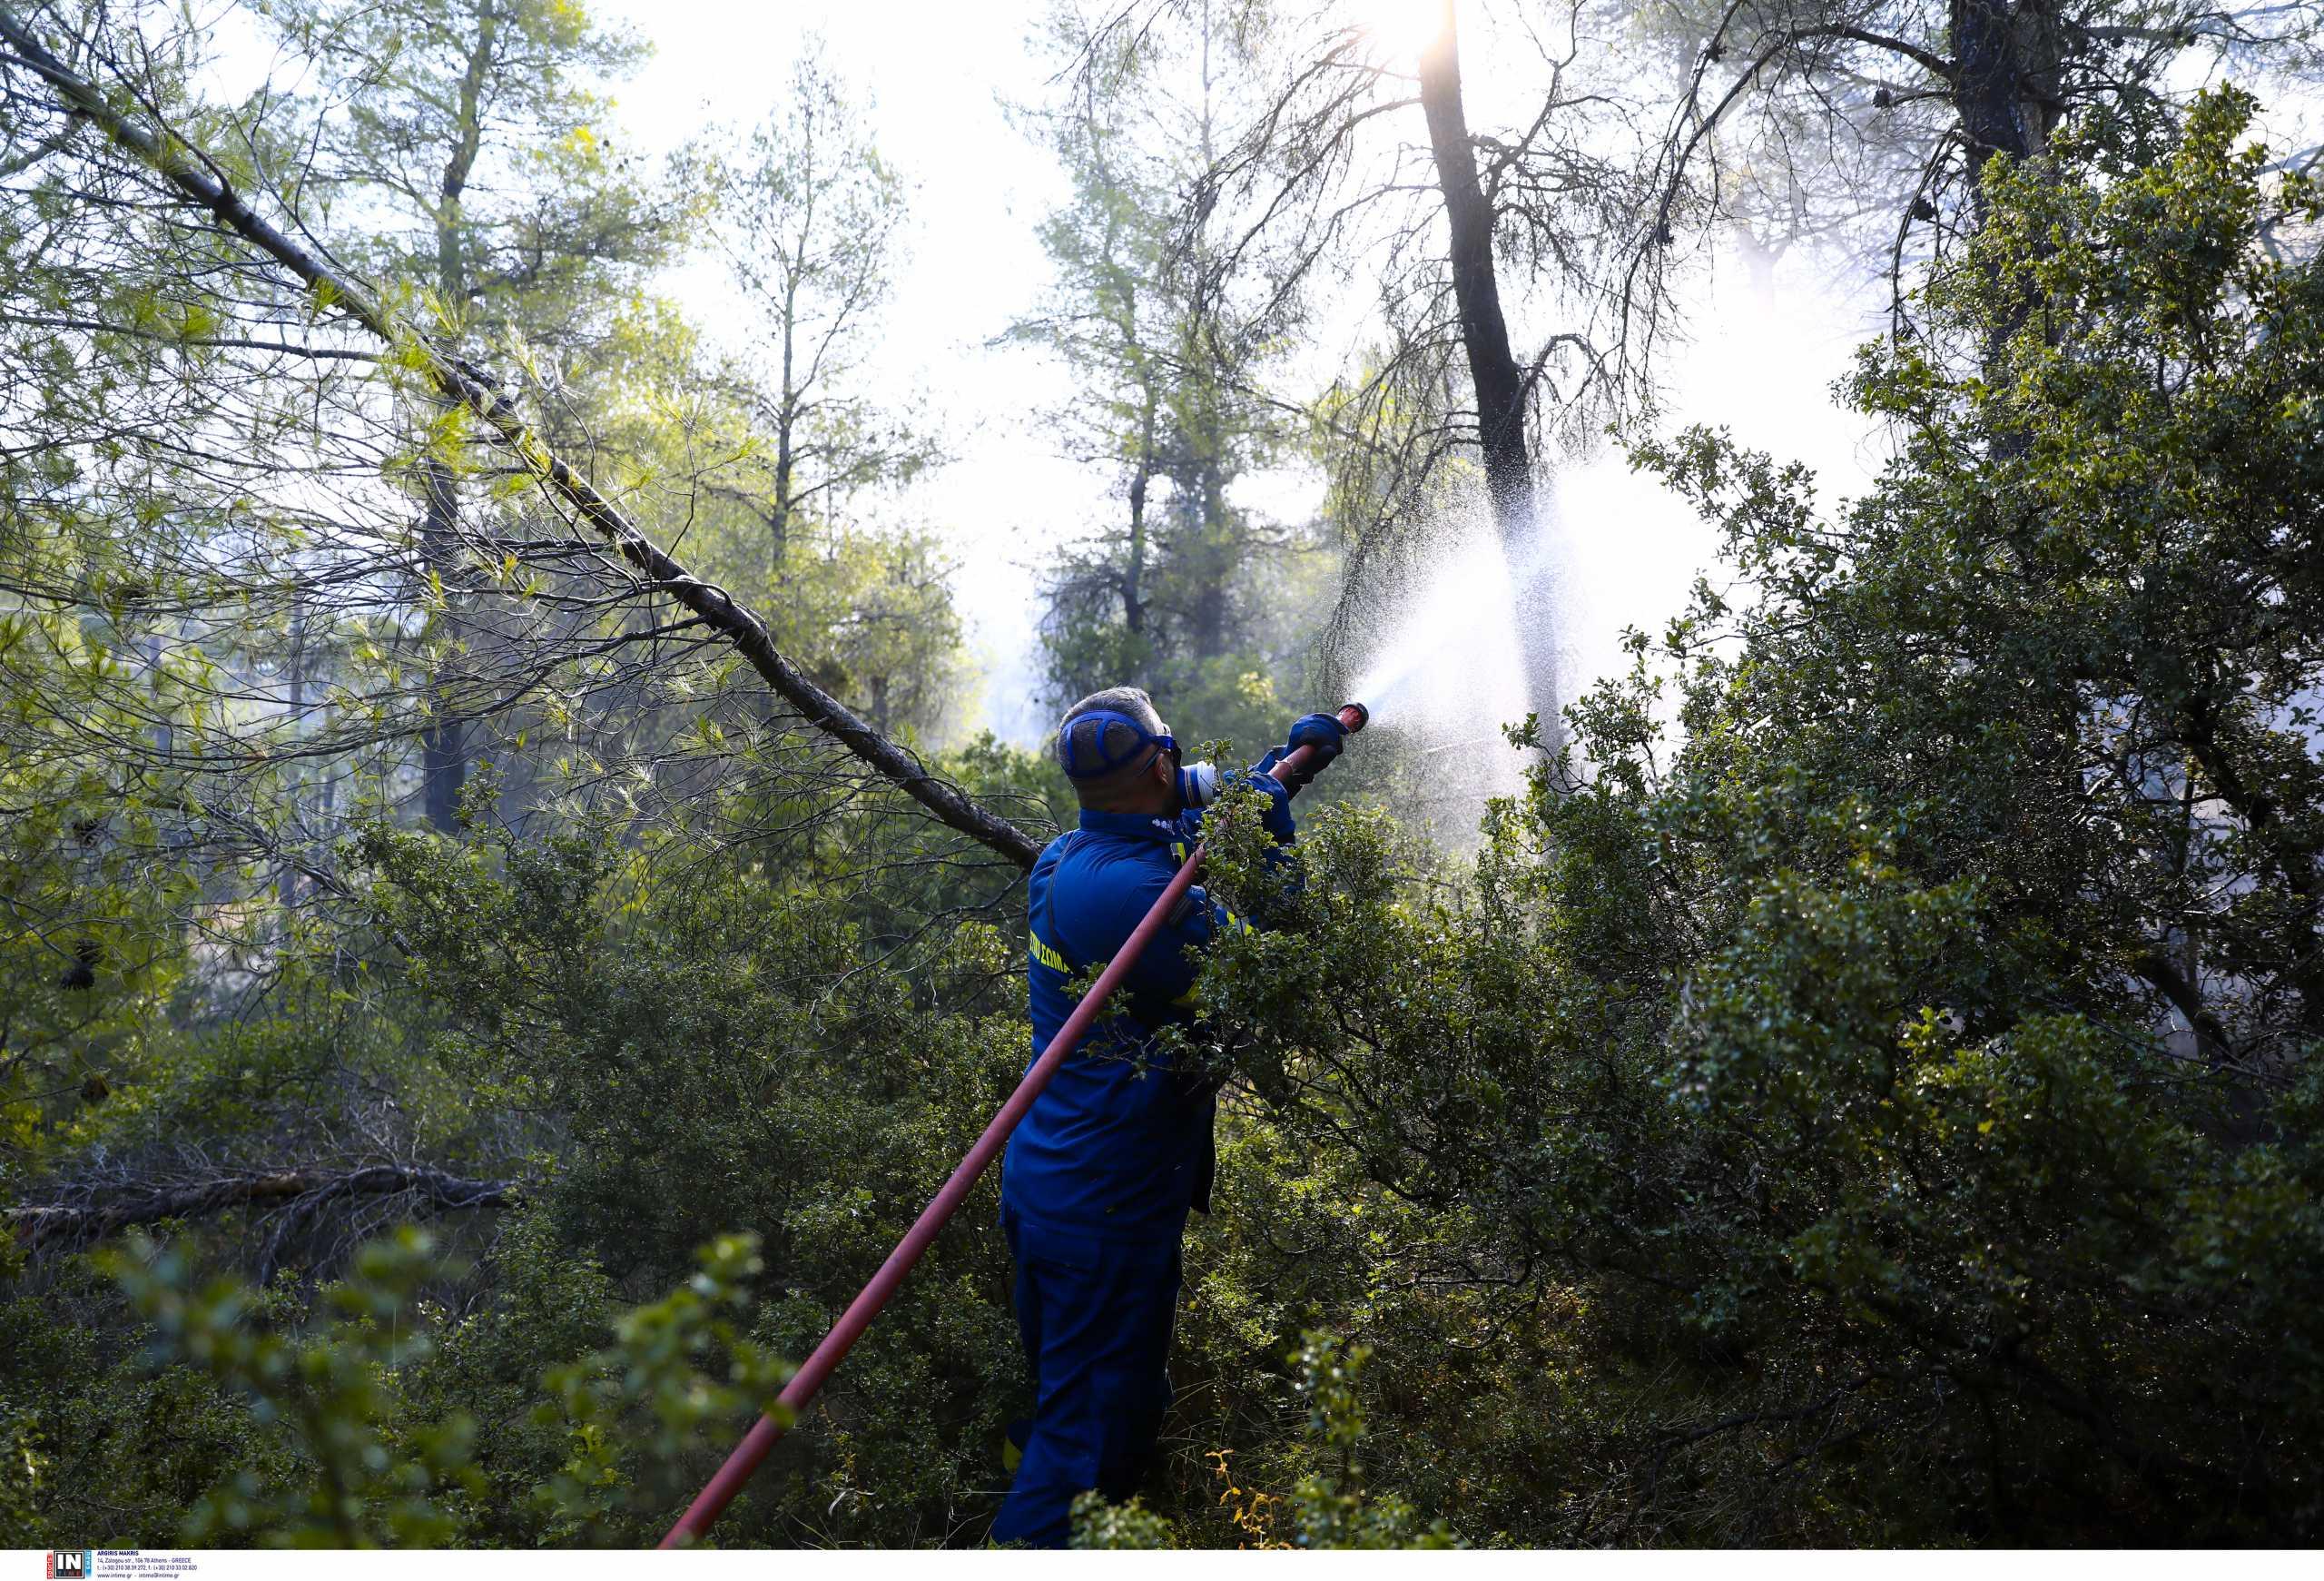 Σε κατάσταση συναγερμού Εύβοια και Αττική για ακραίο κίνδυνο πυρκαγιάς